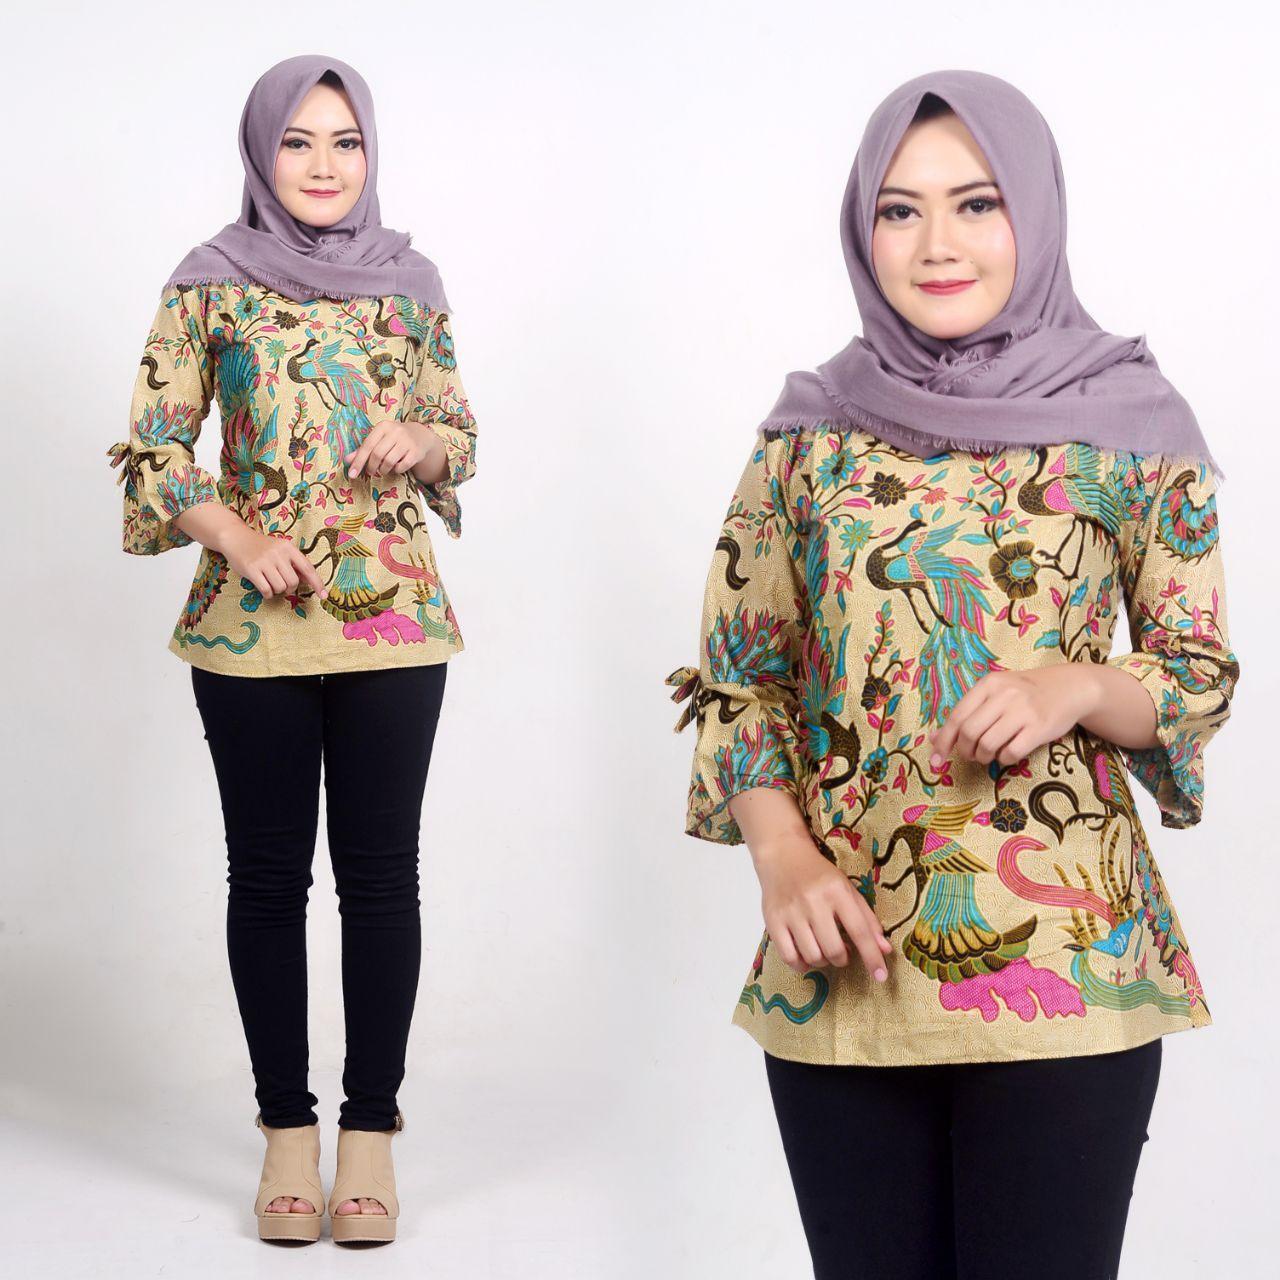 Kemeja Batik Wanita Terbaru 2019 - Kumpulan Model Kemeja